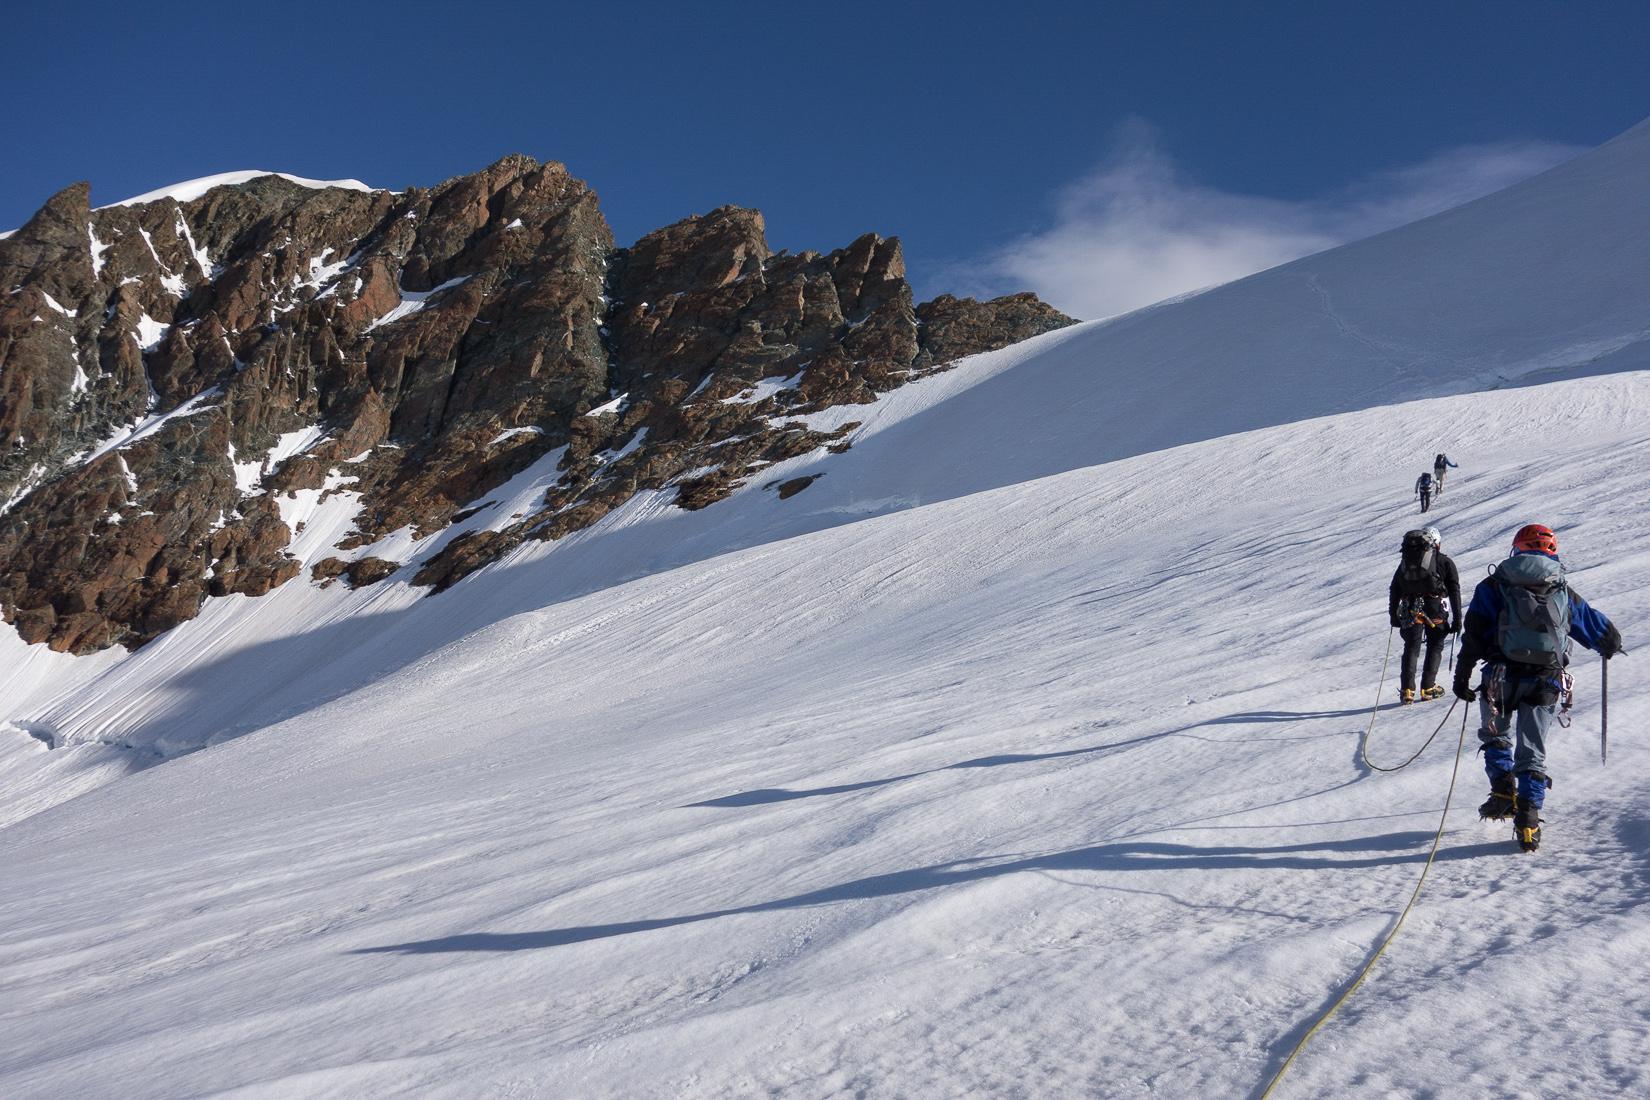 Approaching the bergschrund